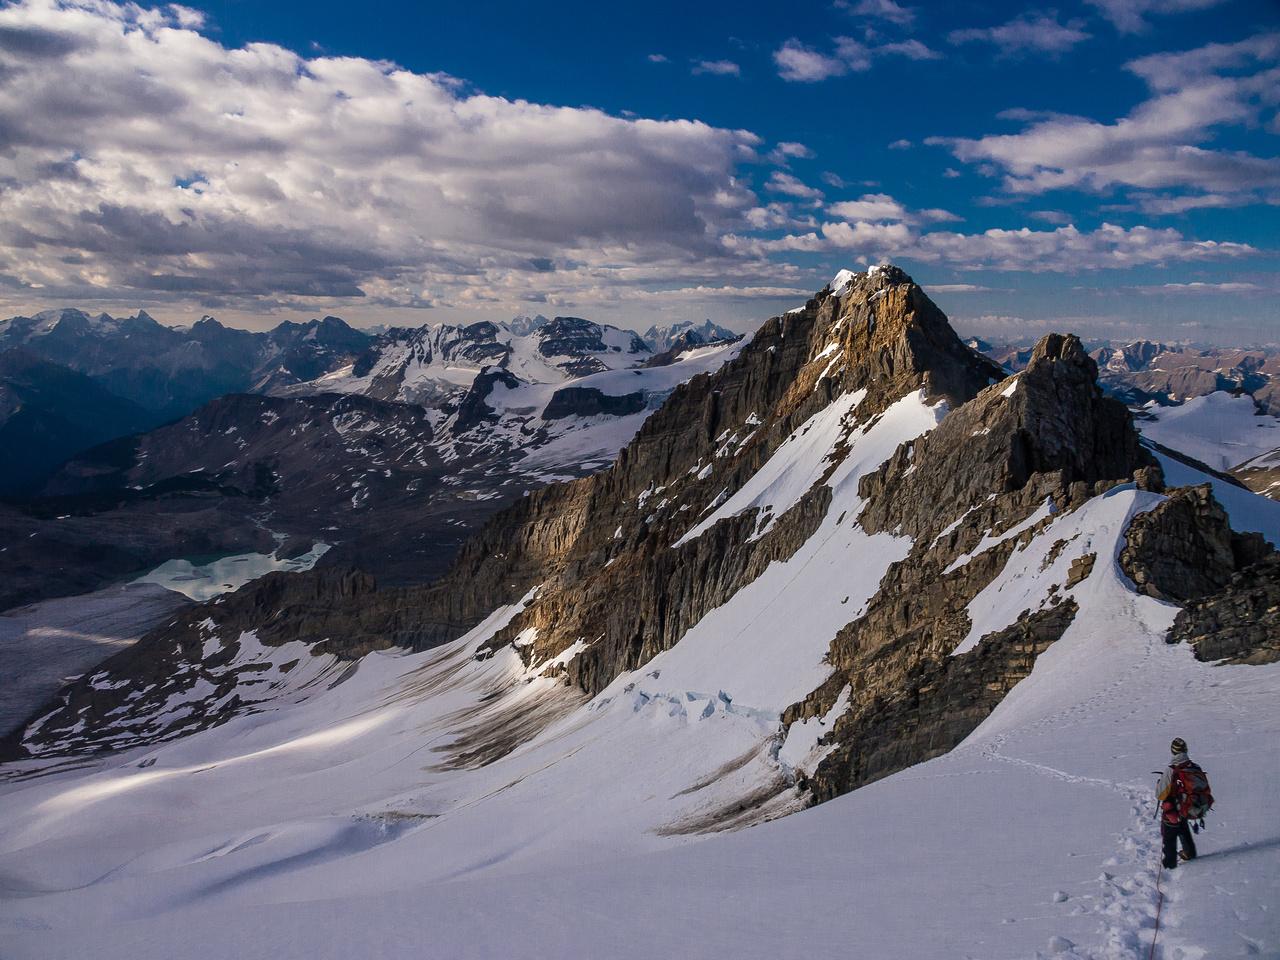 Arete Peak rises in front of us as we descend des Poilus.